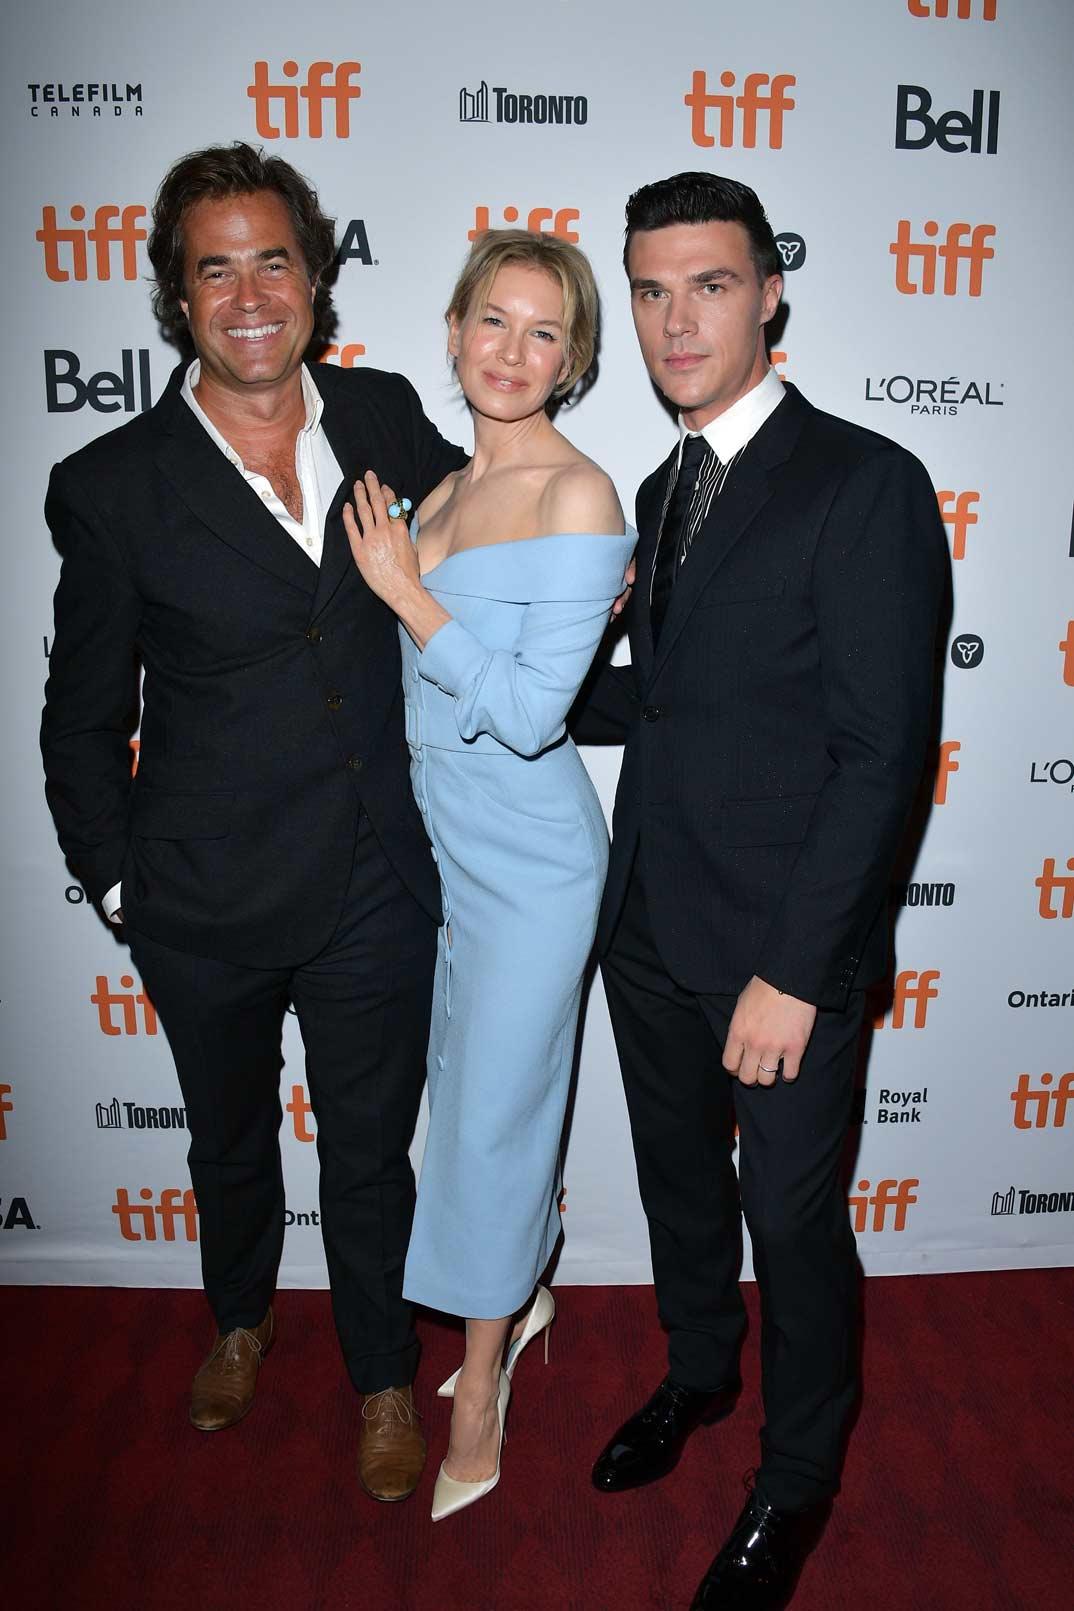 Renee Zellwegger - Judy - Festival de Cine de Toronto © Getty